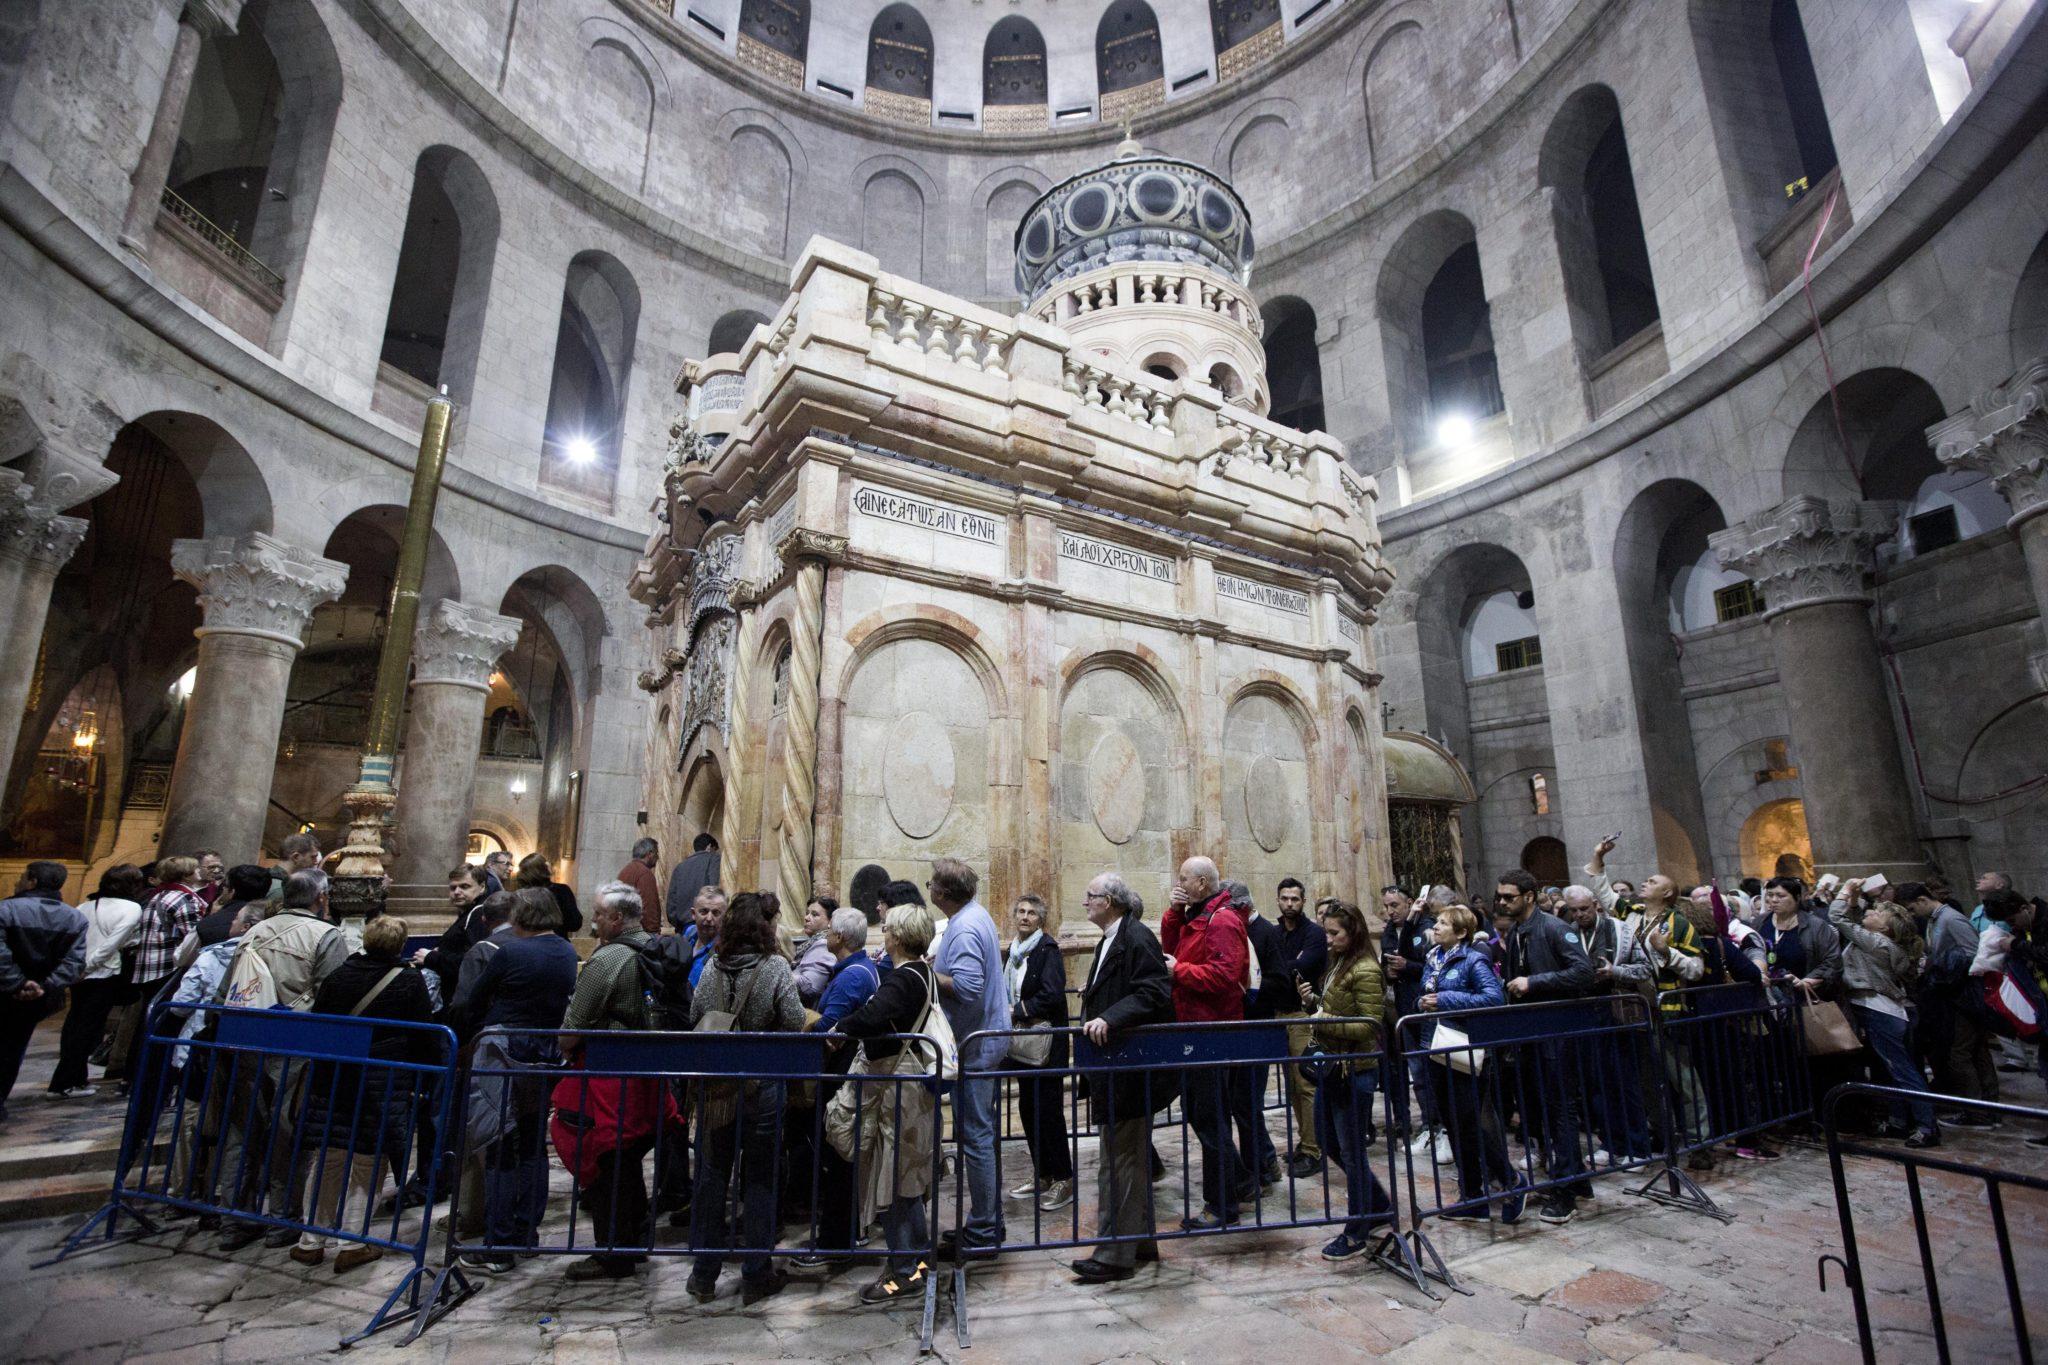 Izrael: pielgrzymki w Bazylice Grobu Pańskiego w Jerozolimie (foto. PAP/EPA/ABIR SULTAN)